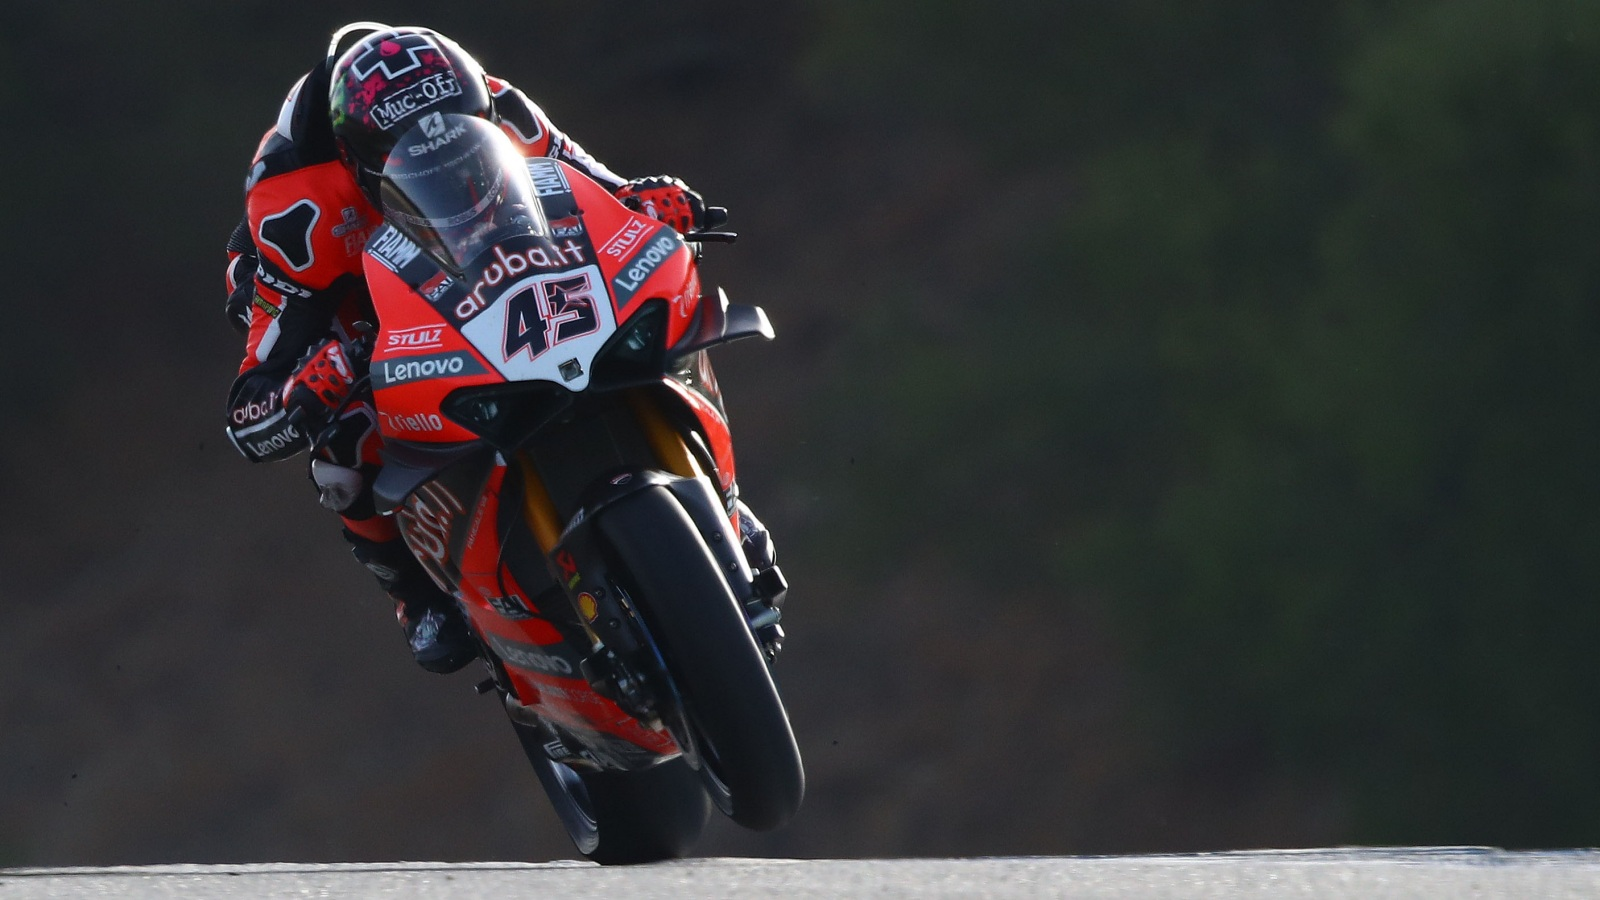 Scott Redding comanda la fiesta de Ducati en el peor día de Jonathan Rea en Kawasaki